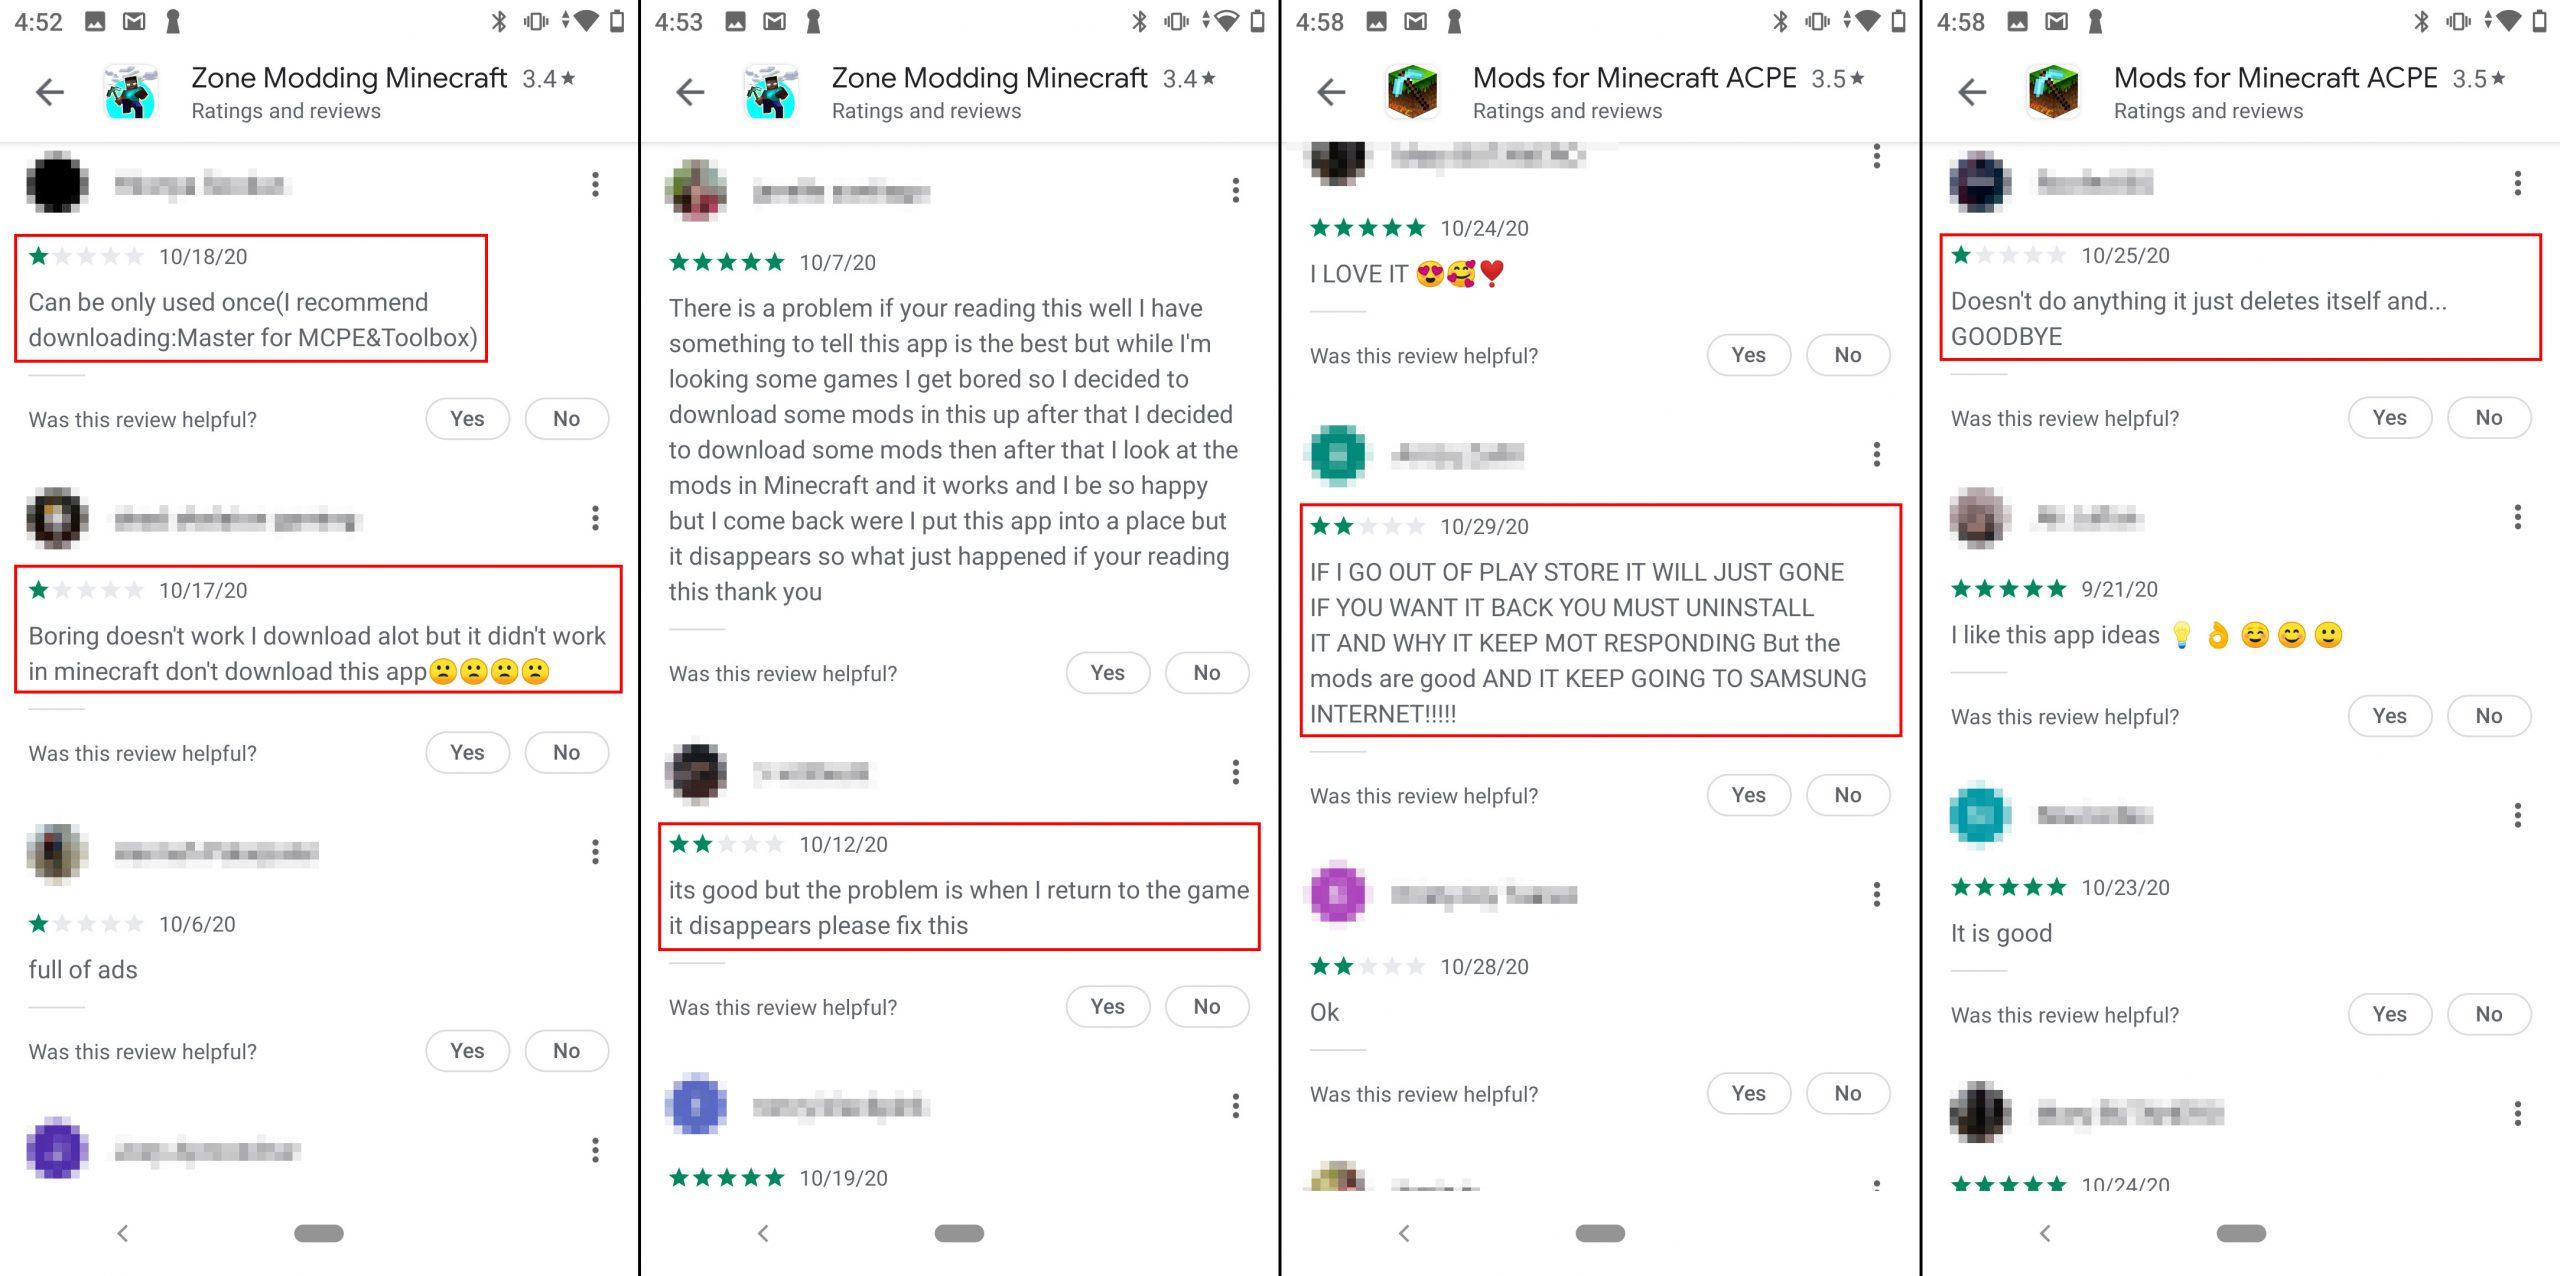 os usuários reclamam que o aplicativo não funciona e que aparentemente foi excluído